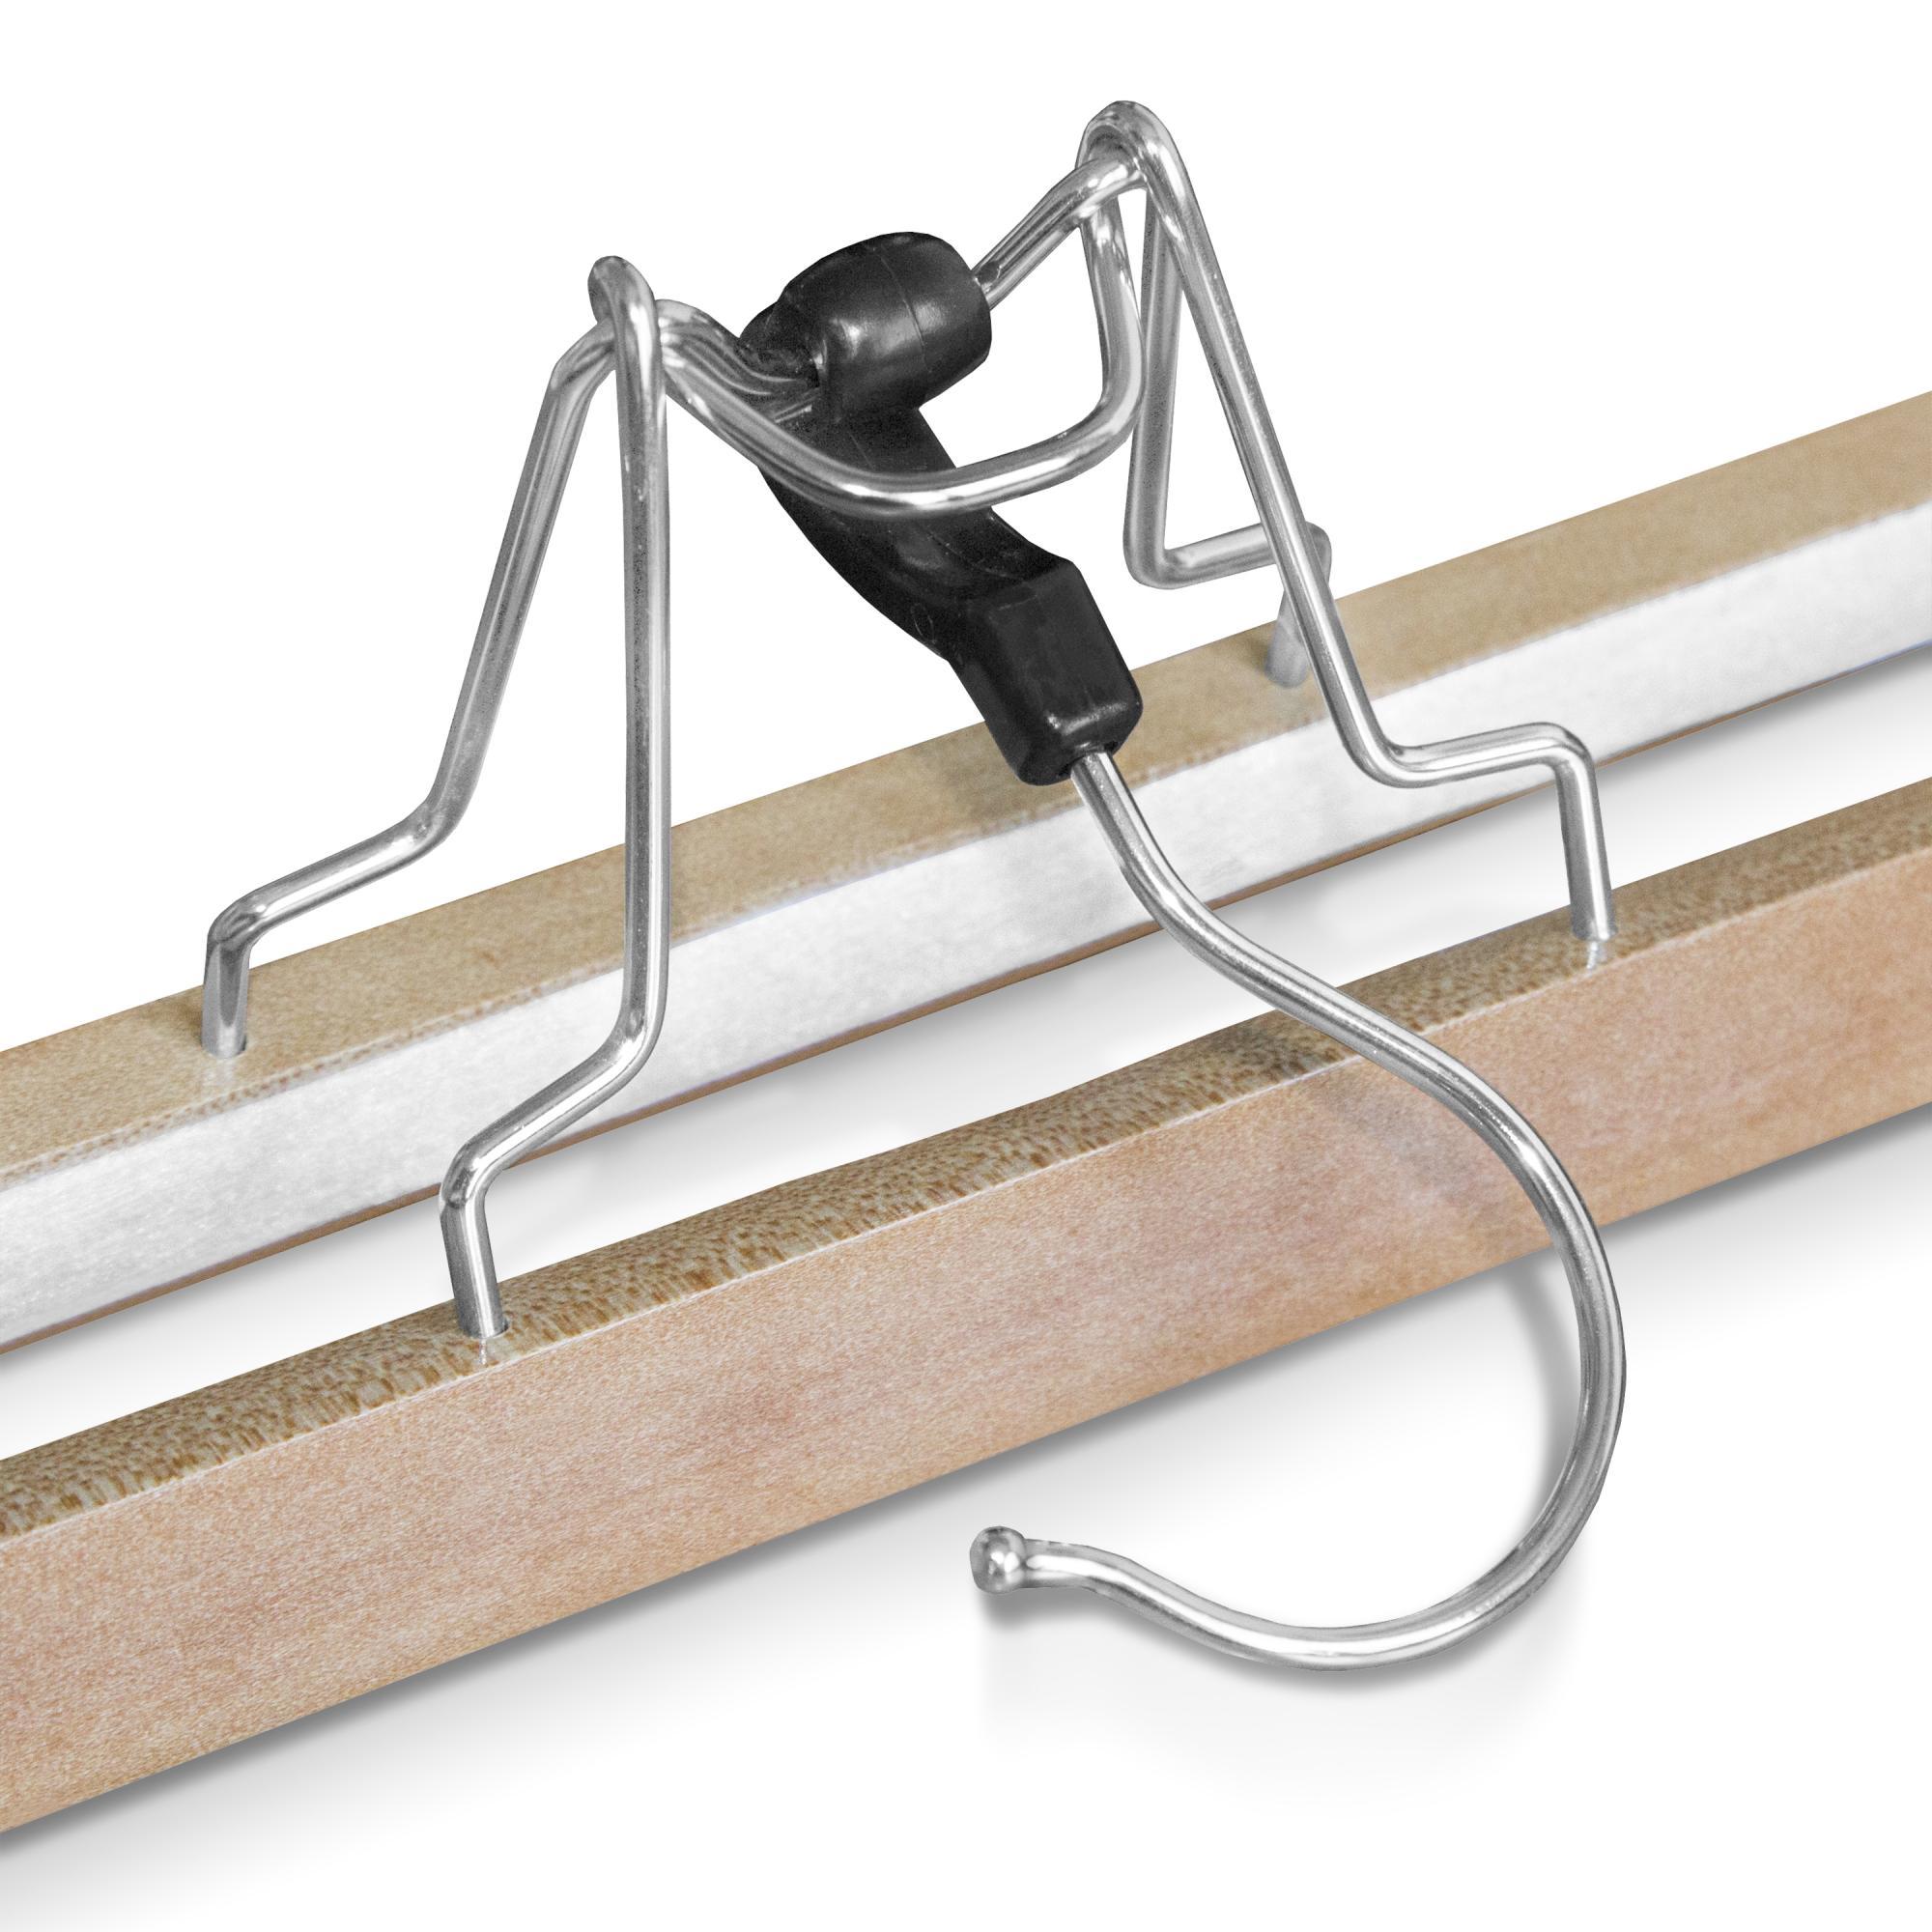 hosenspanner holz hosenb gel kleiderb gel hosen klemmb gel spanner ebay. Black Bedroom Furniture Sets. Home Design Ideas